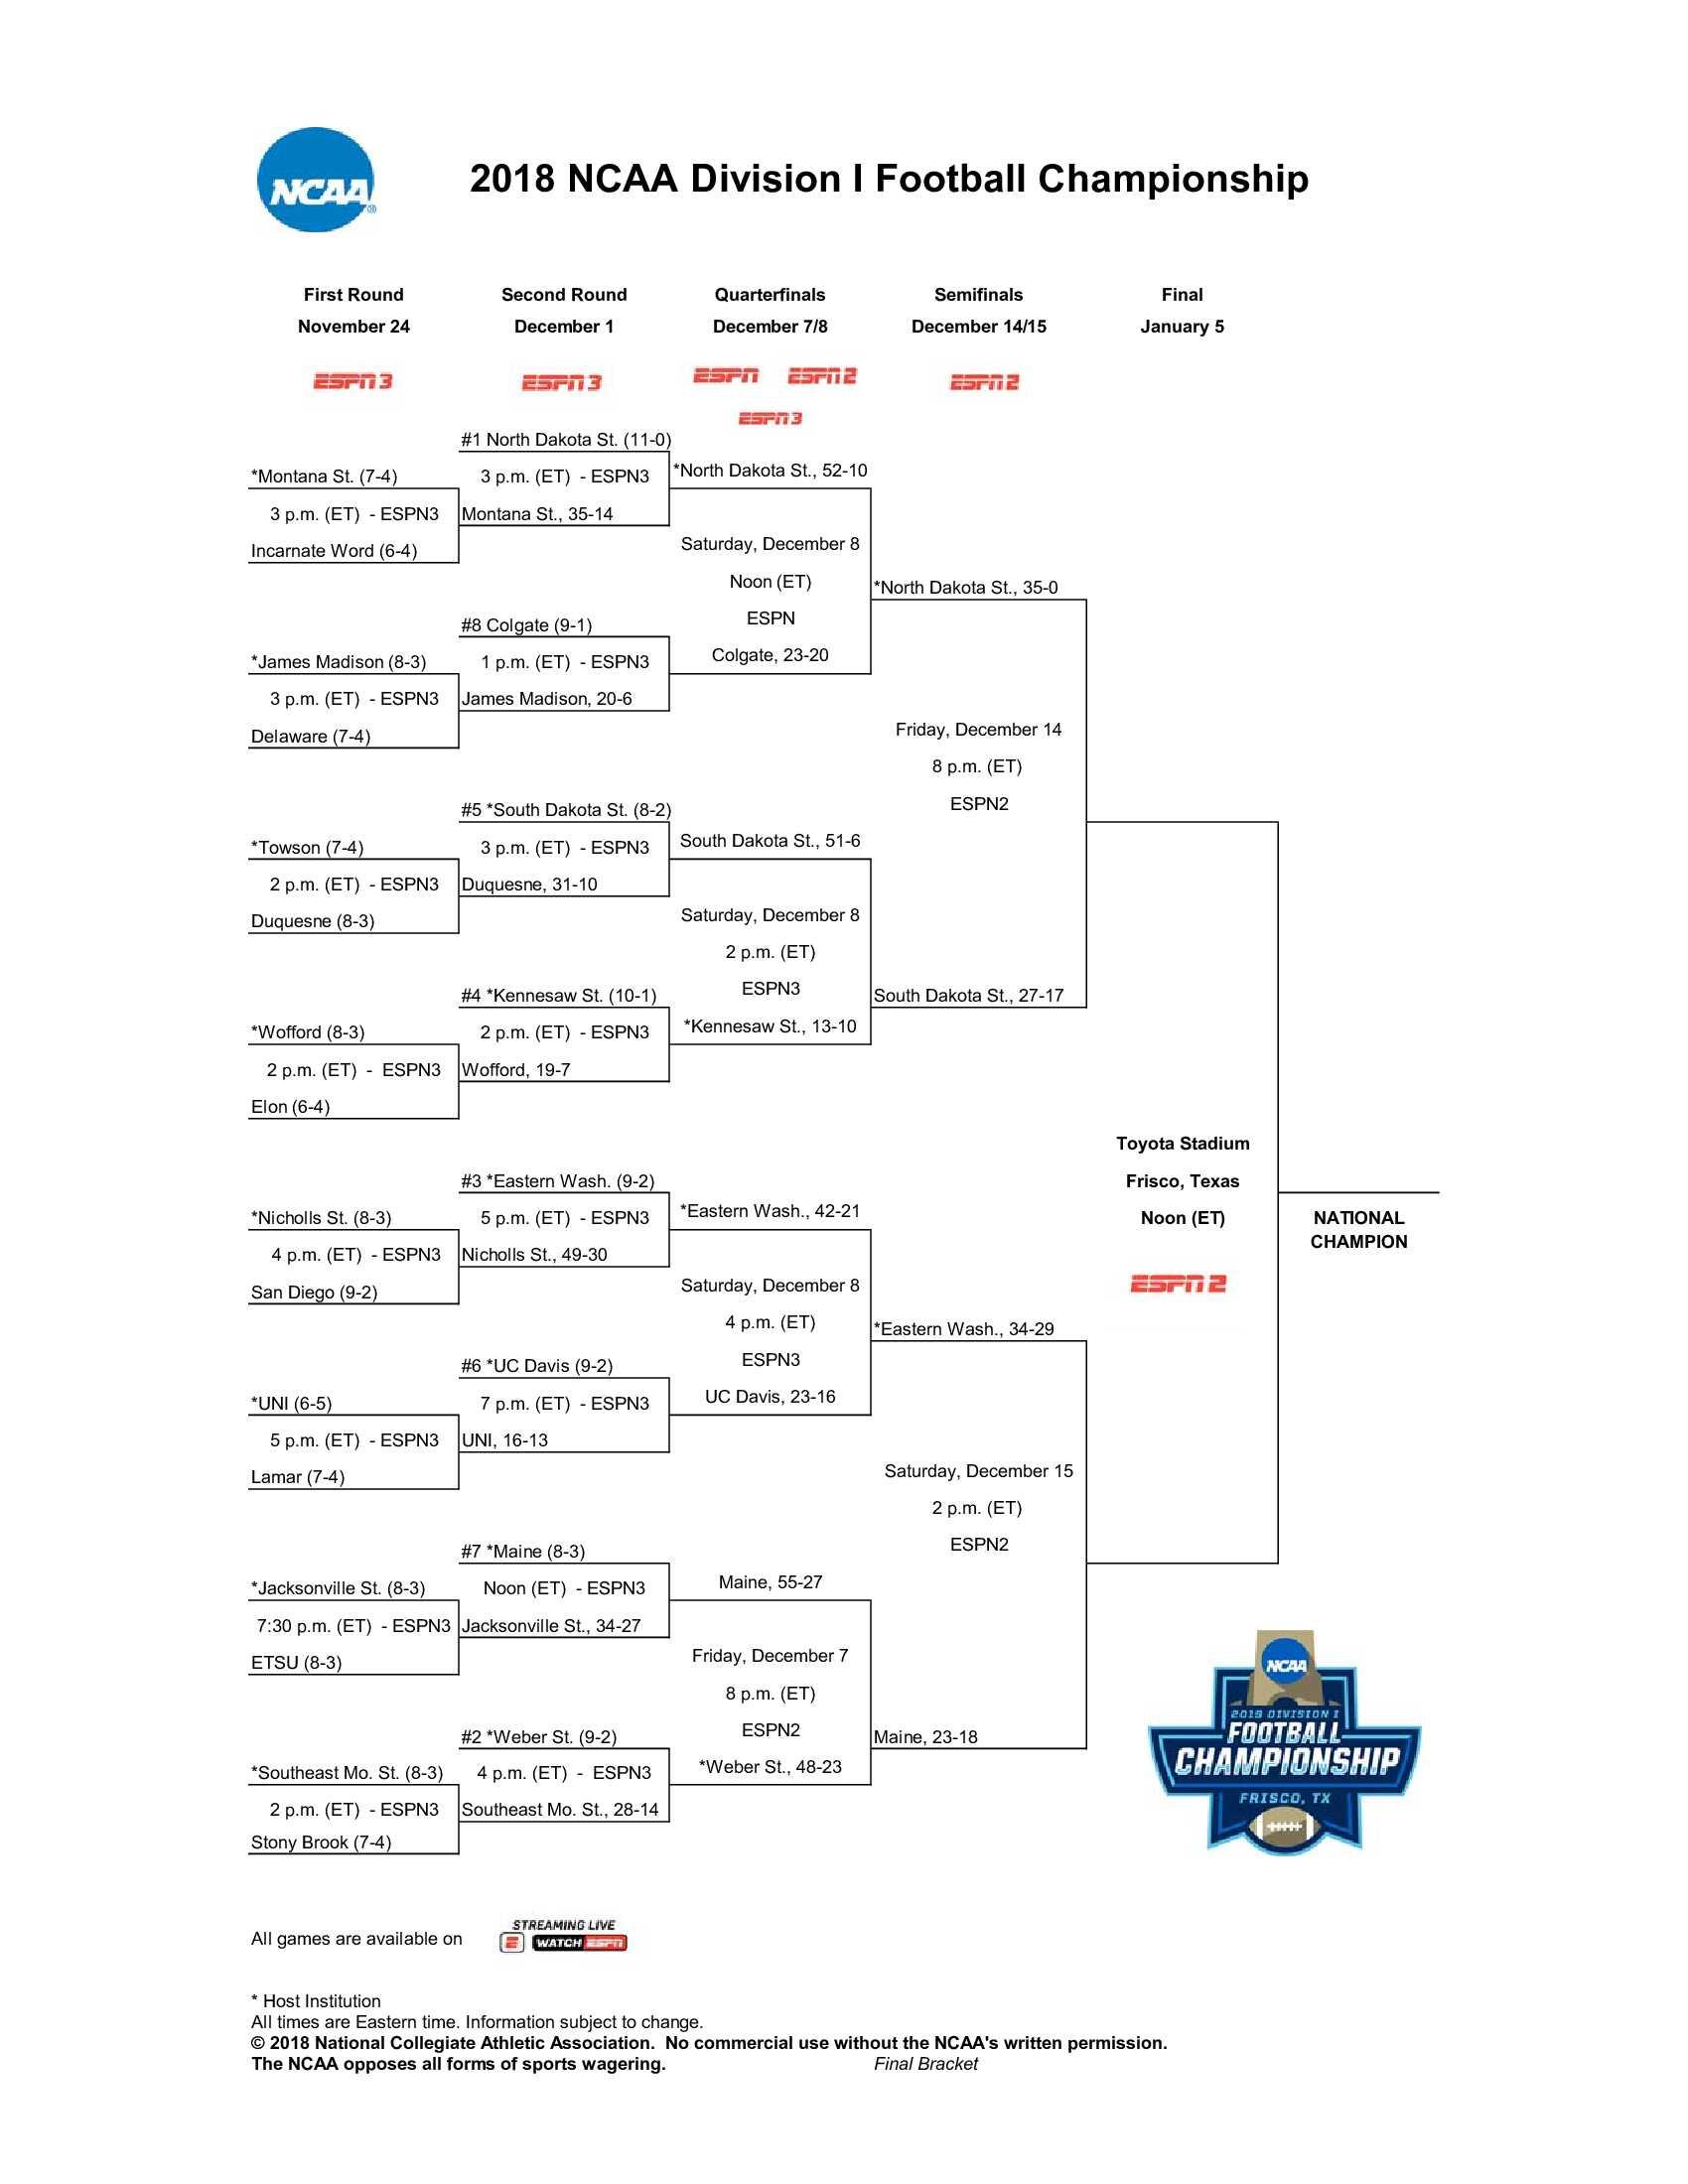 2018 fcs playoffs-bracket-schedule-scores